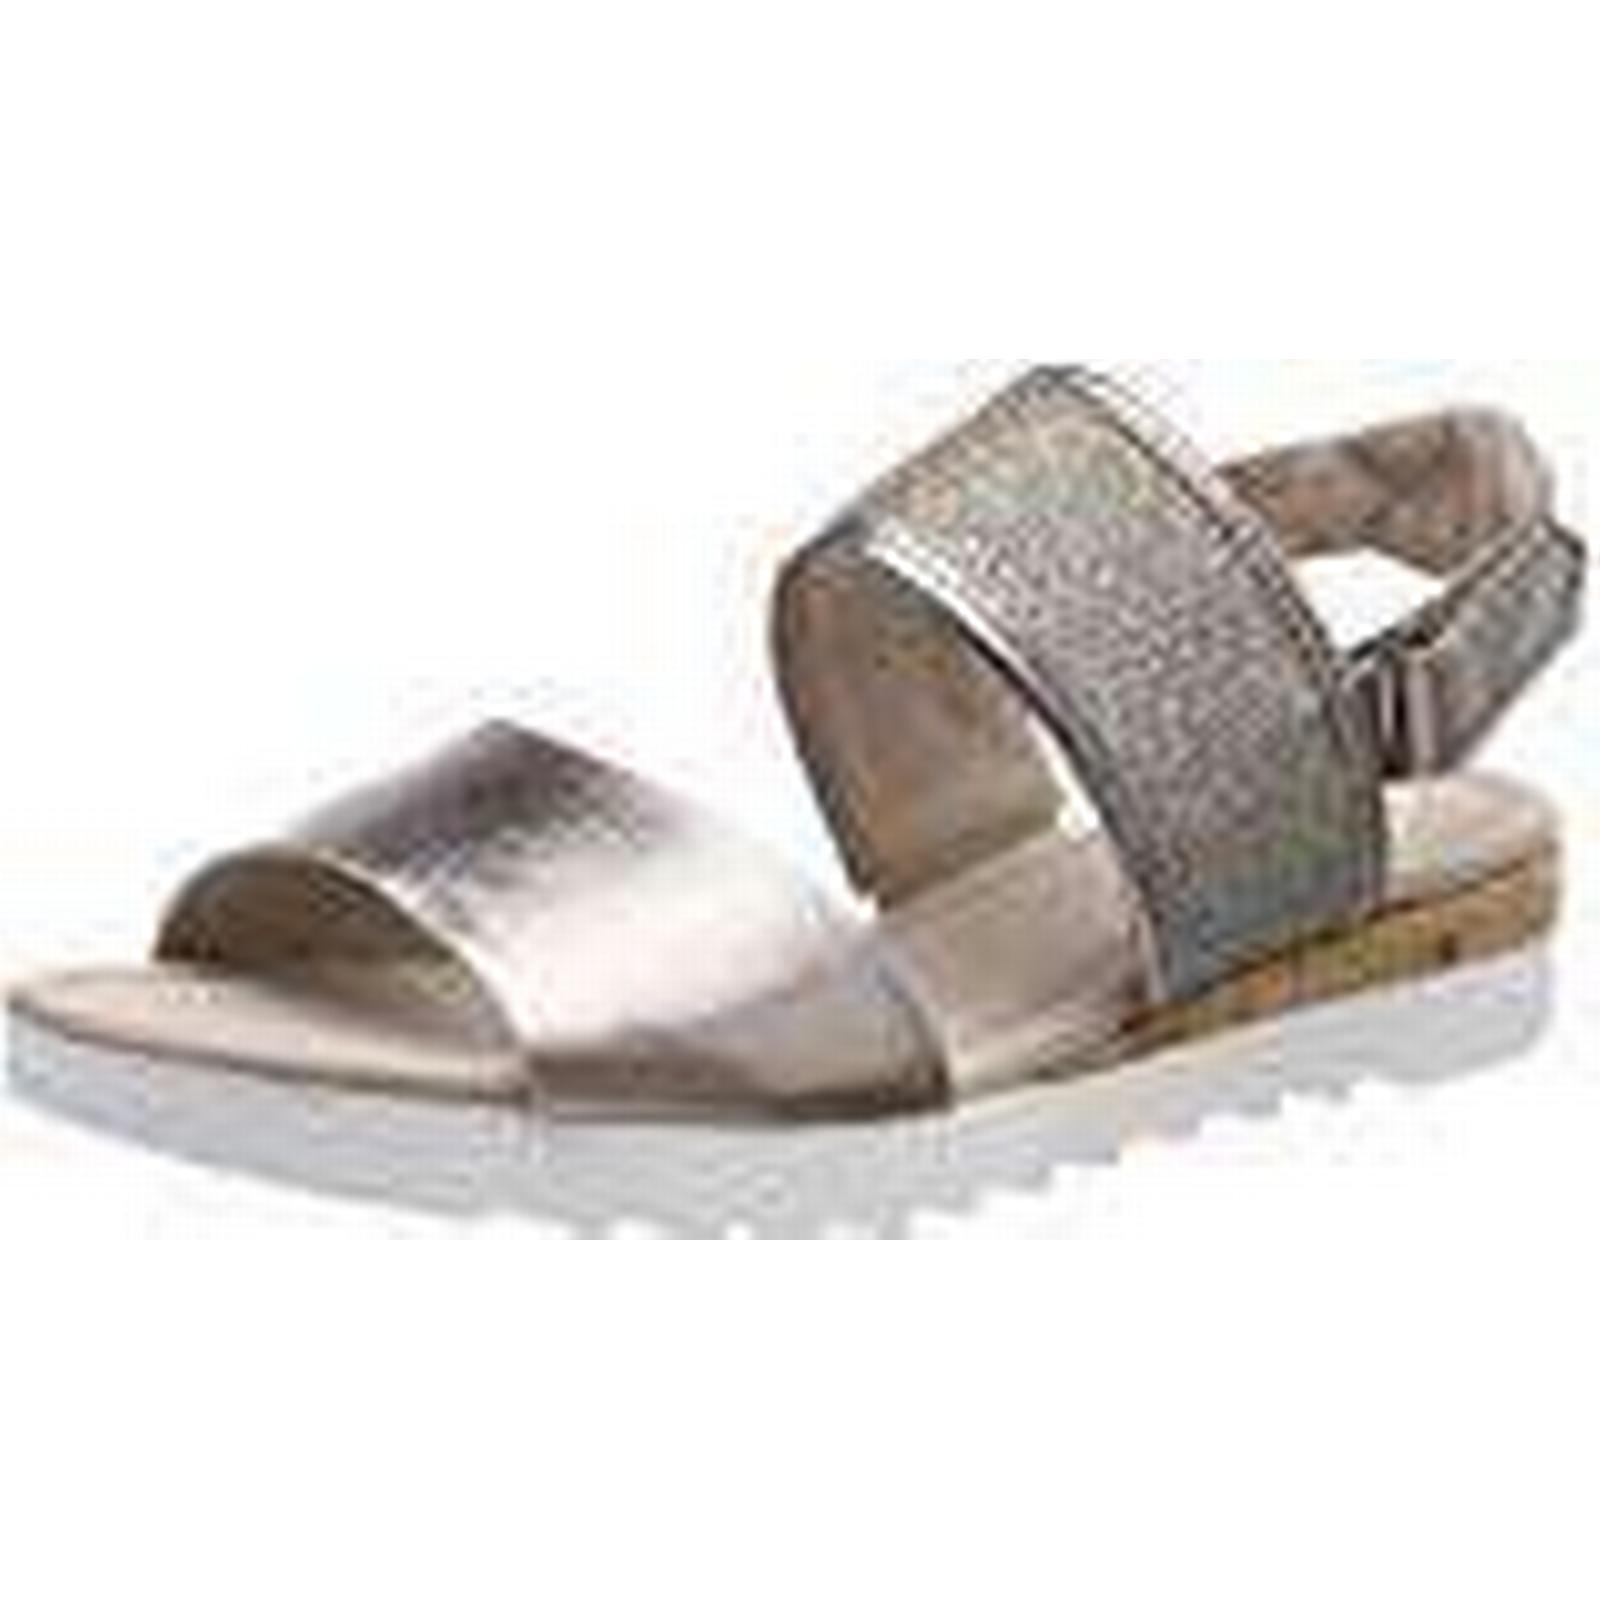 Gabor Shoes Women's Comfort Sport Wedge Heels Sandals, UK Brown (Mutaro Kork), 5.5 UK Sandals, 9a78b0